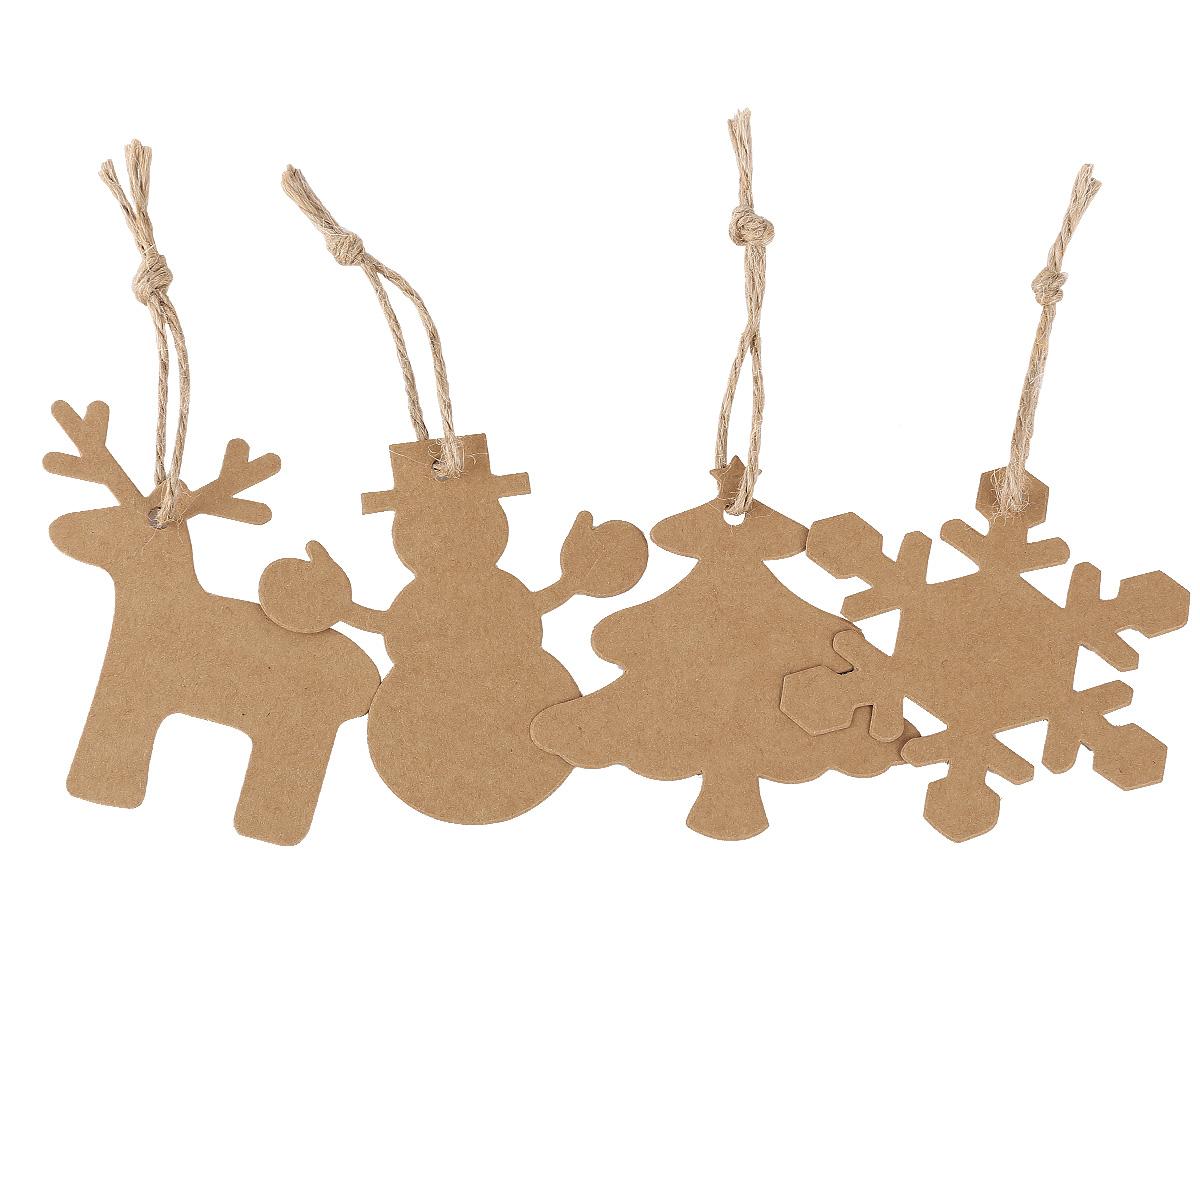 Etiquetas colgantes papel kraft para decorar regalo adorno - Adornos de papel para navidad ...